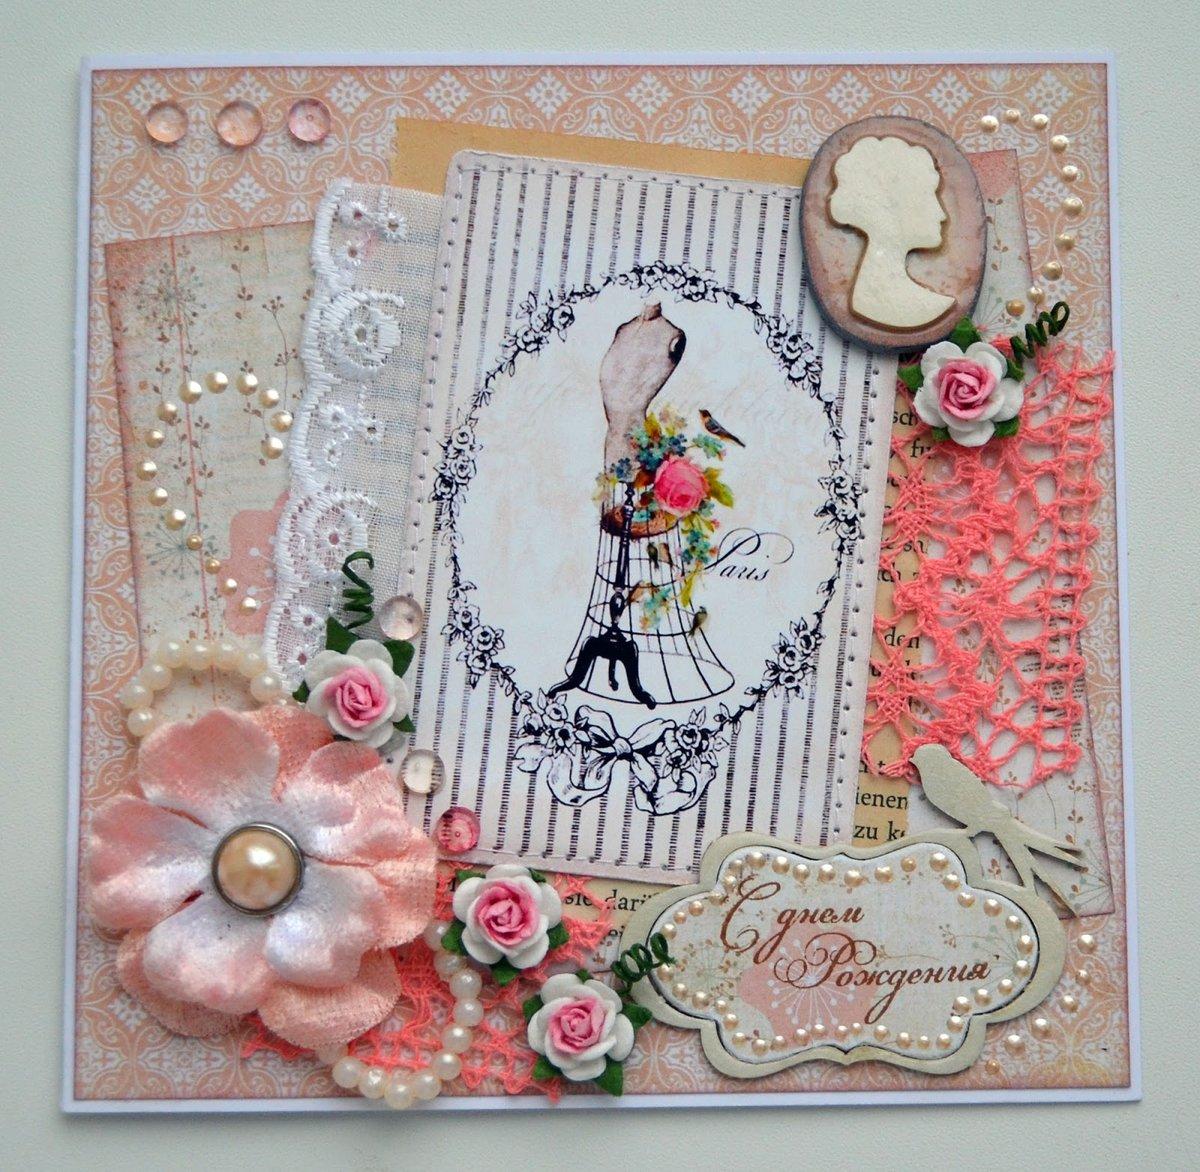 Картинки днем, красивые самодельные открытки для девочки